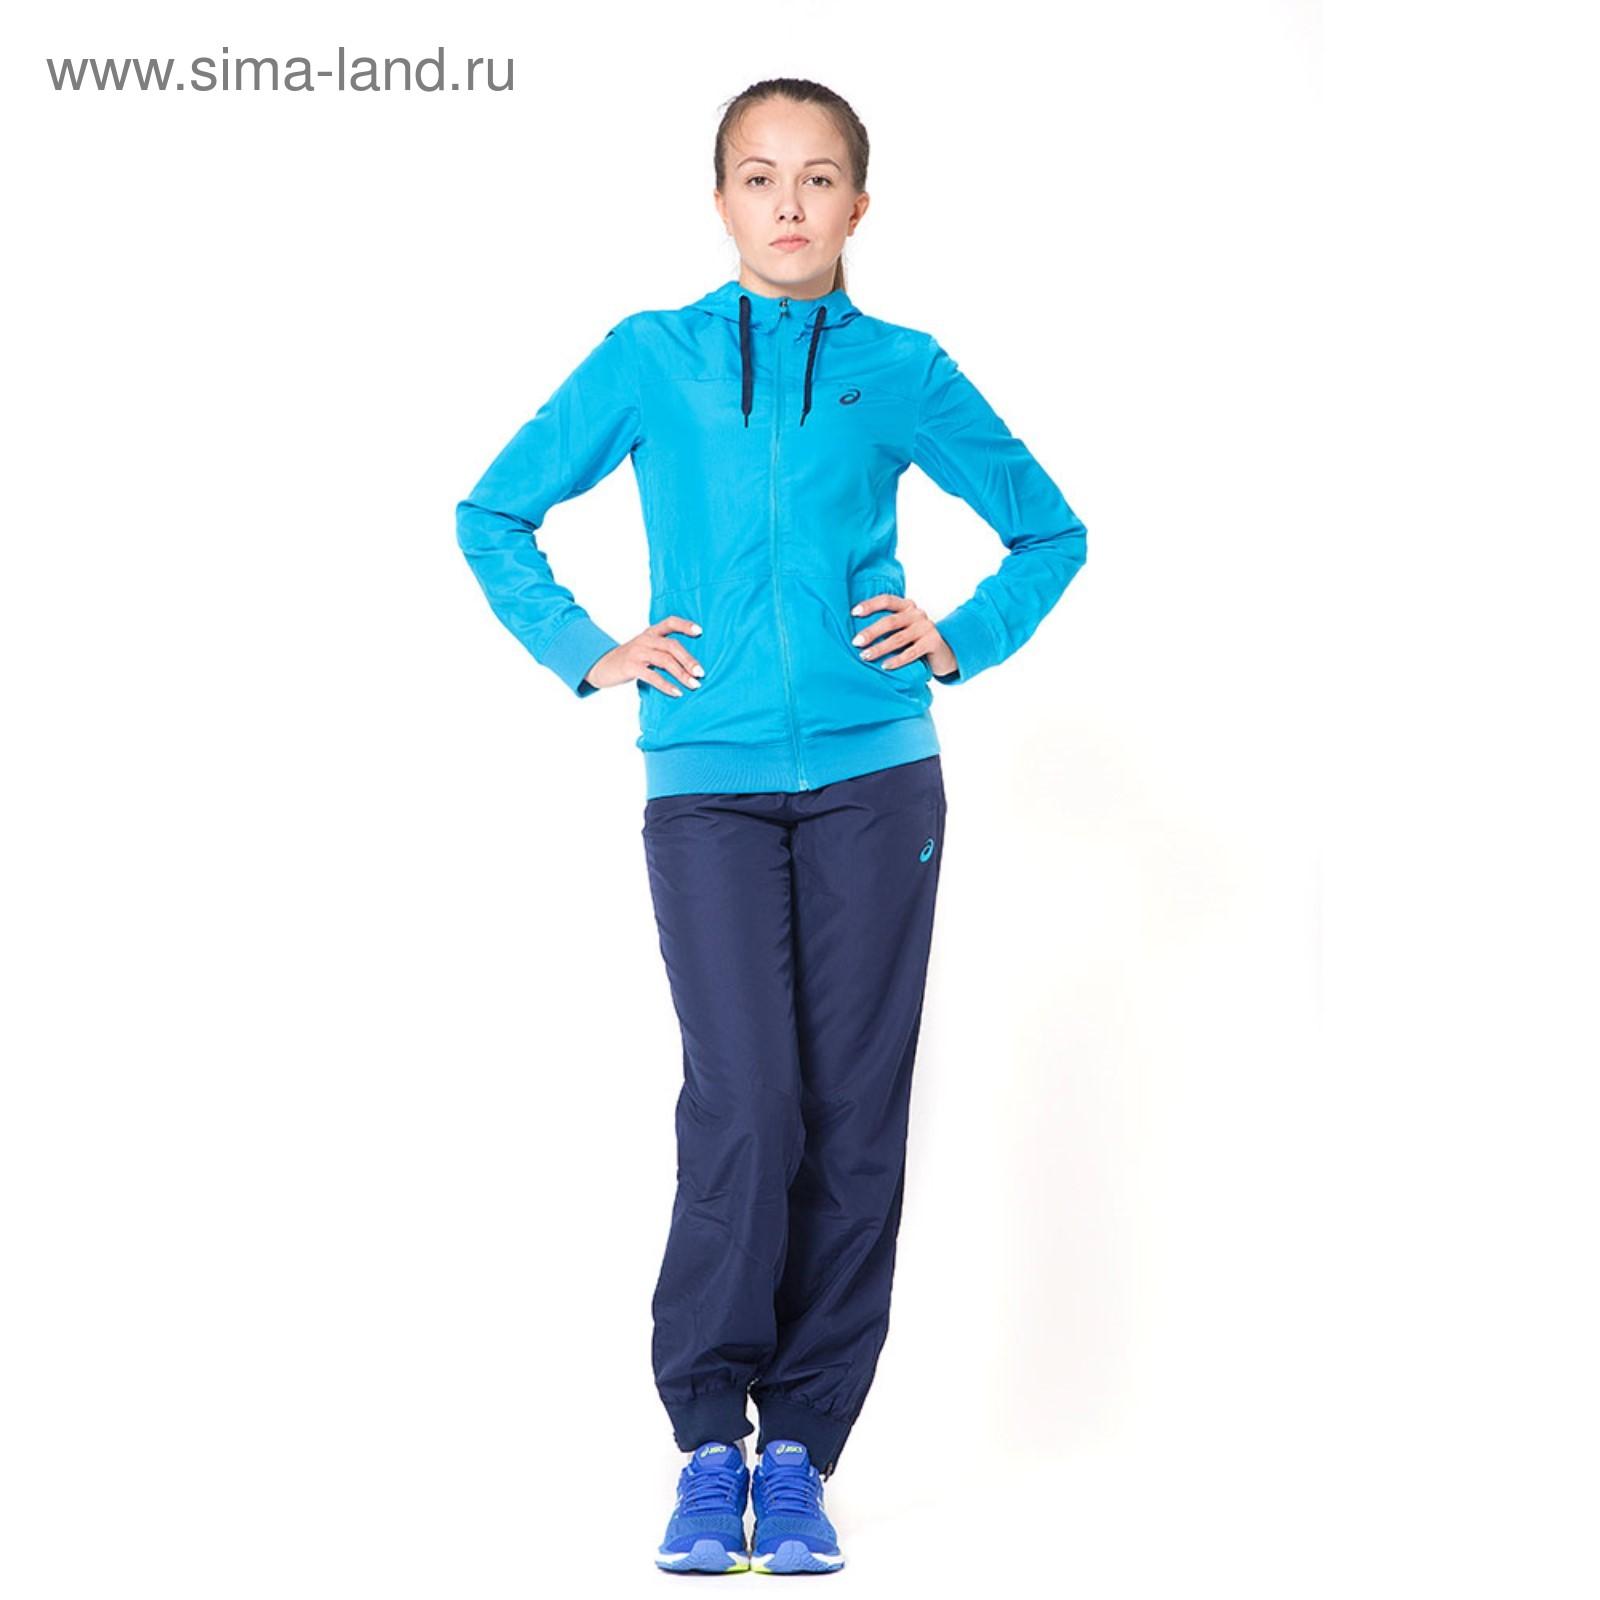 a6f589872707 Костюм спортивный ASICS 142916 0860 SUIT S (2837636) - Купить по ...